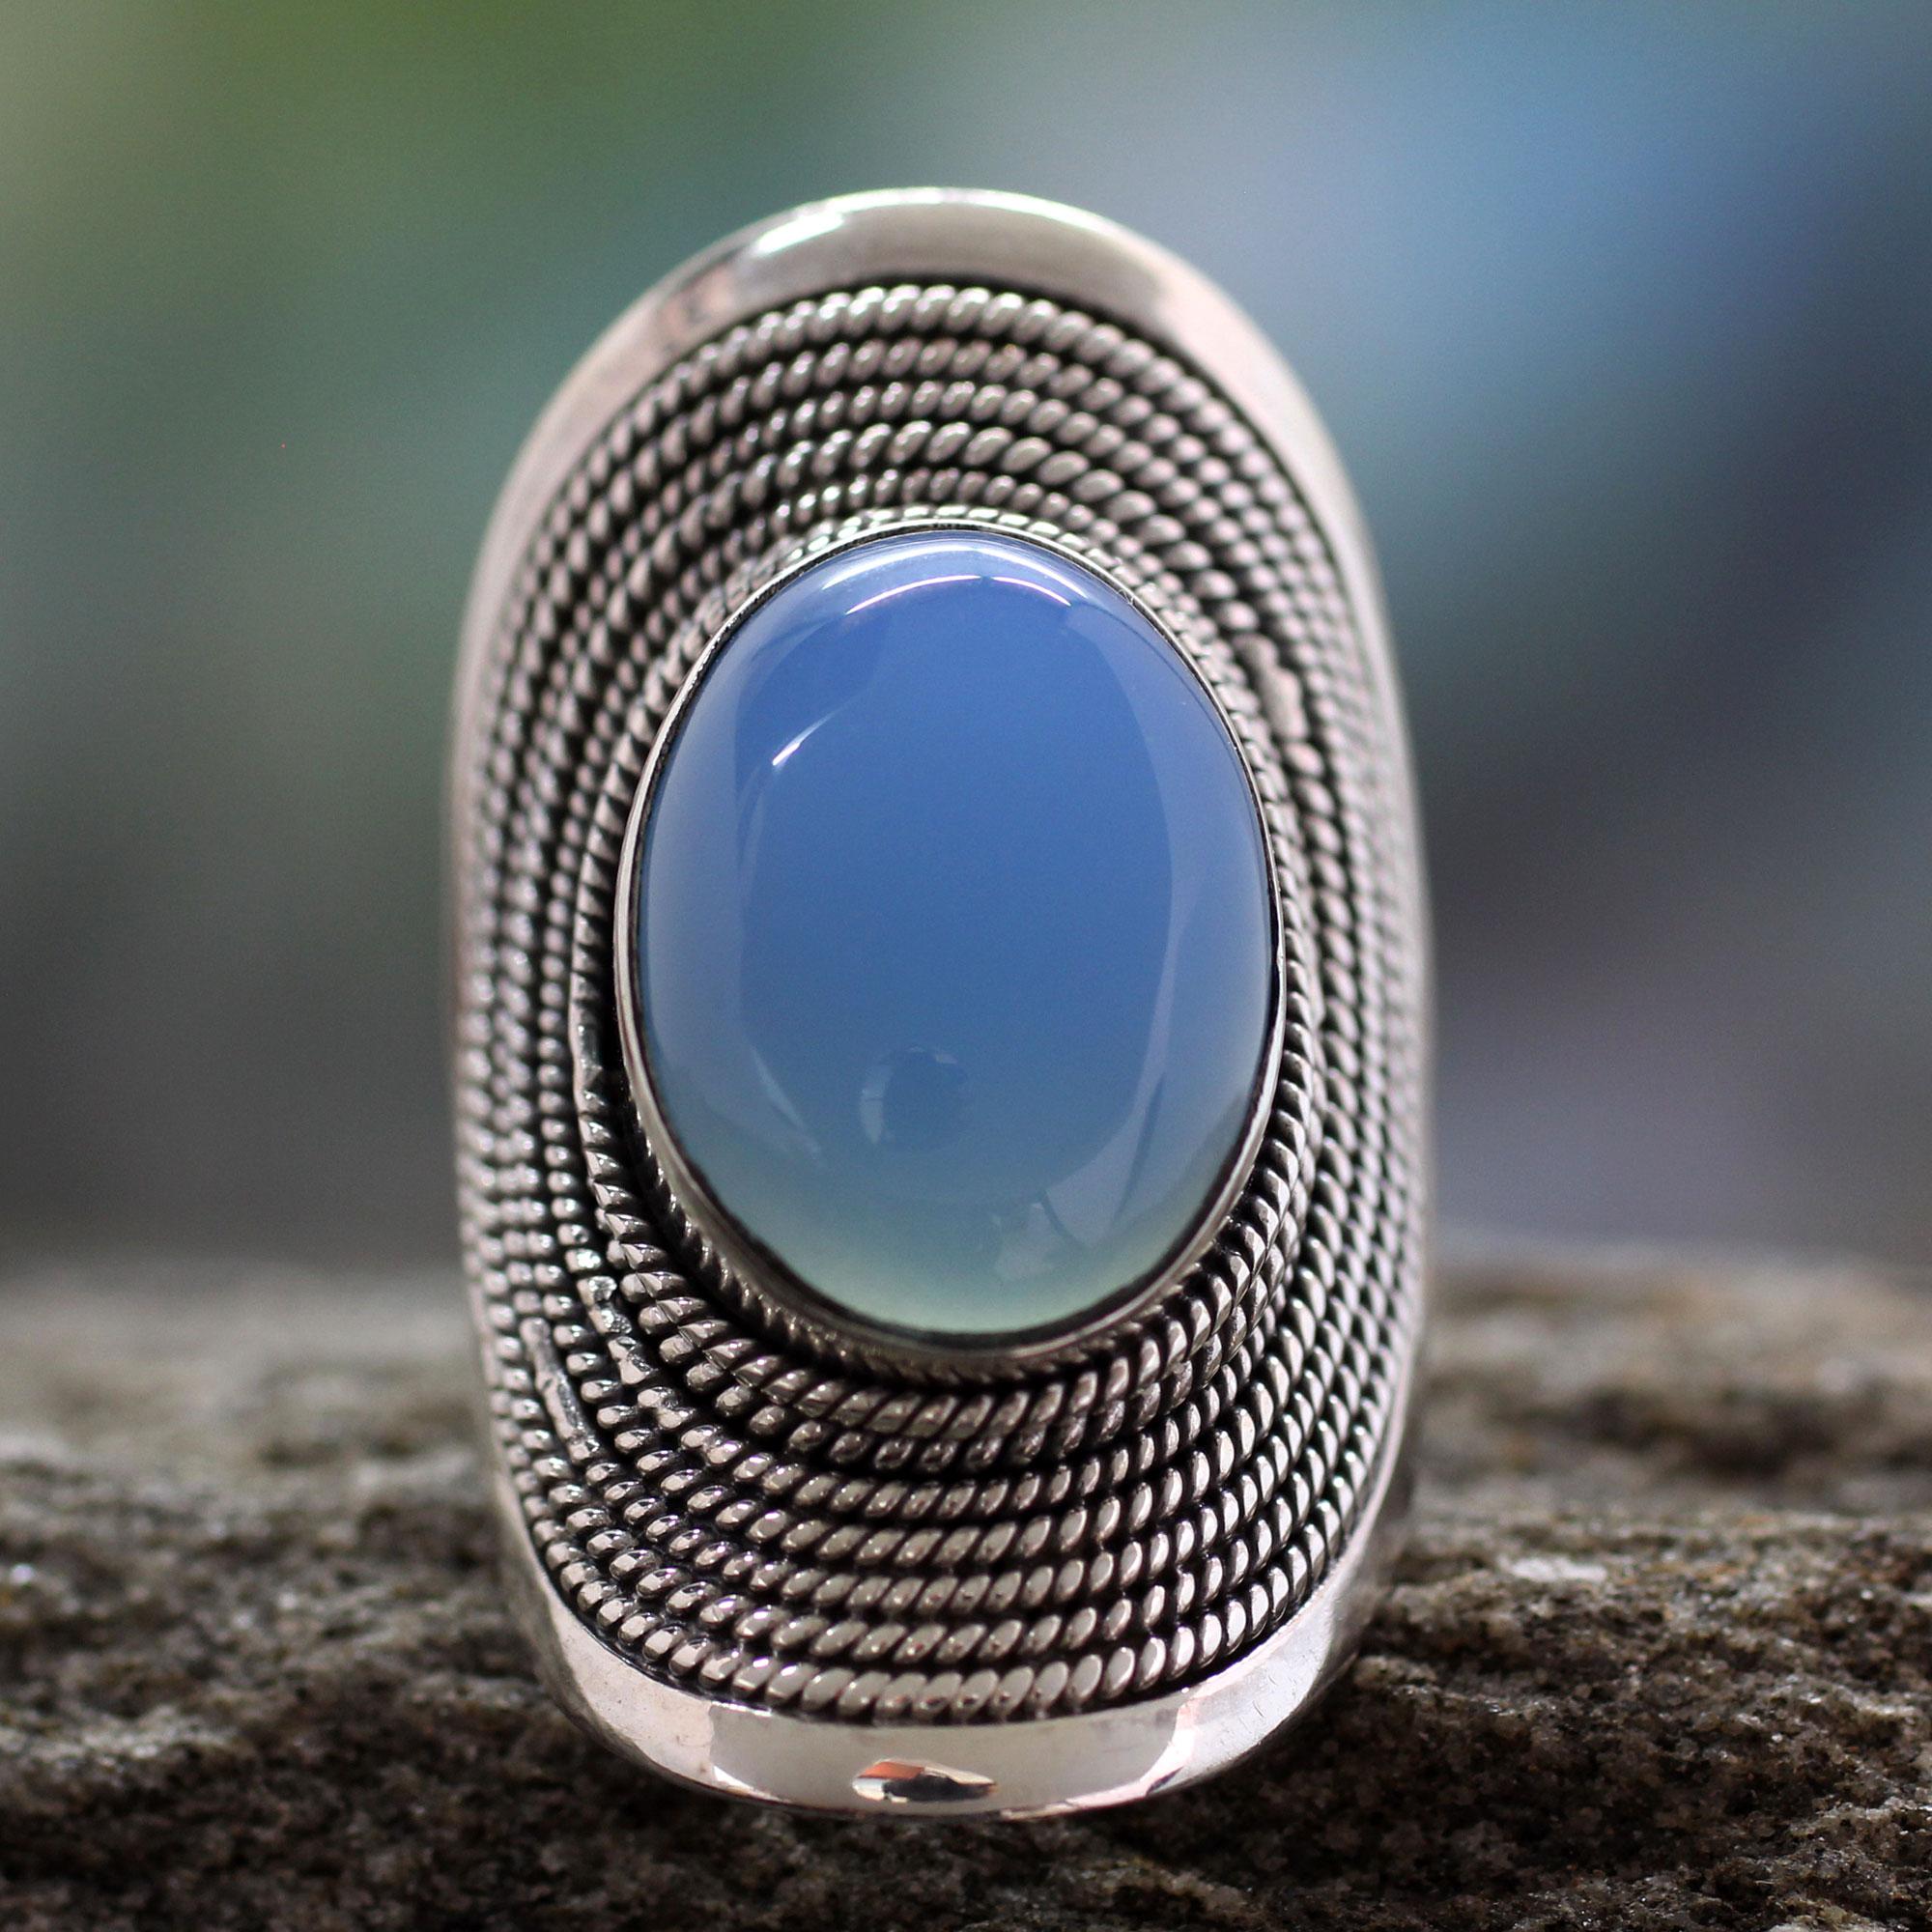 JEWELRY - Silver, Pearl & Unique Handmade Jewelry at NOVICA